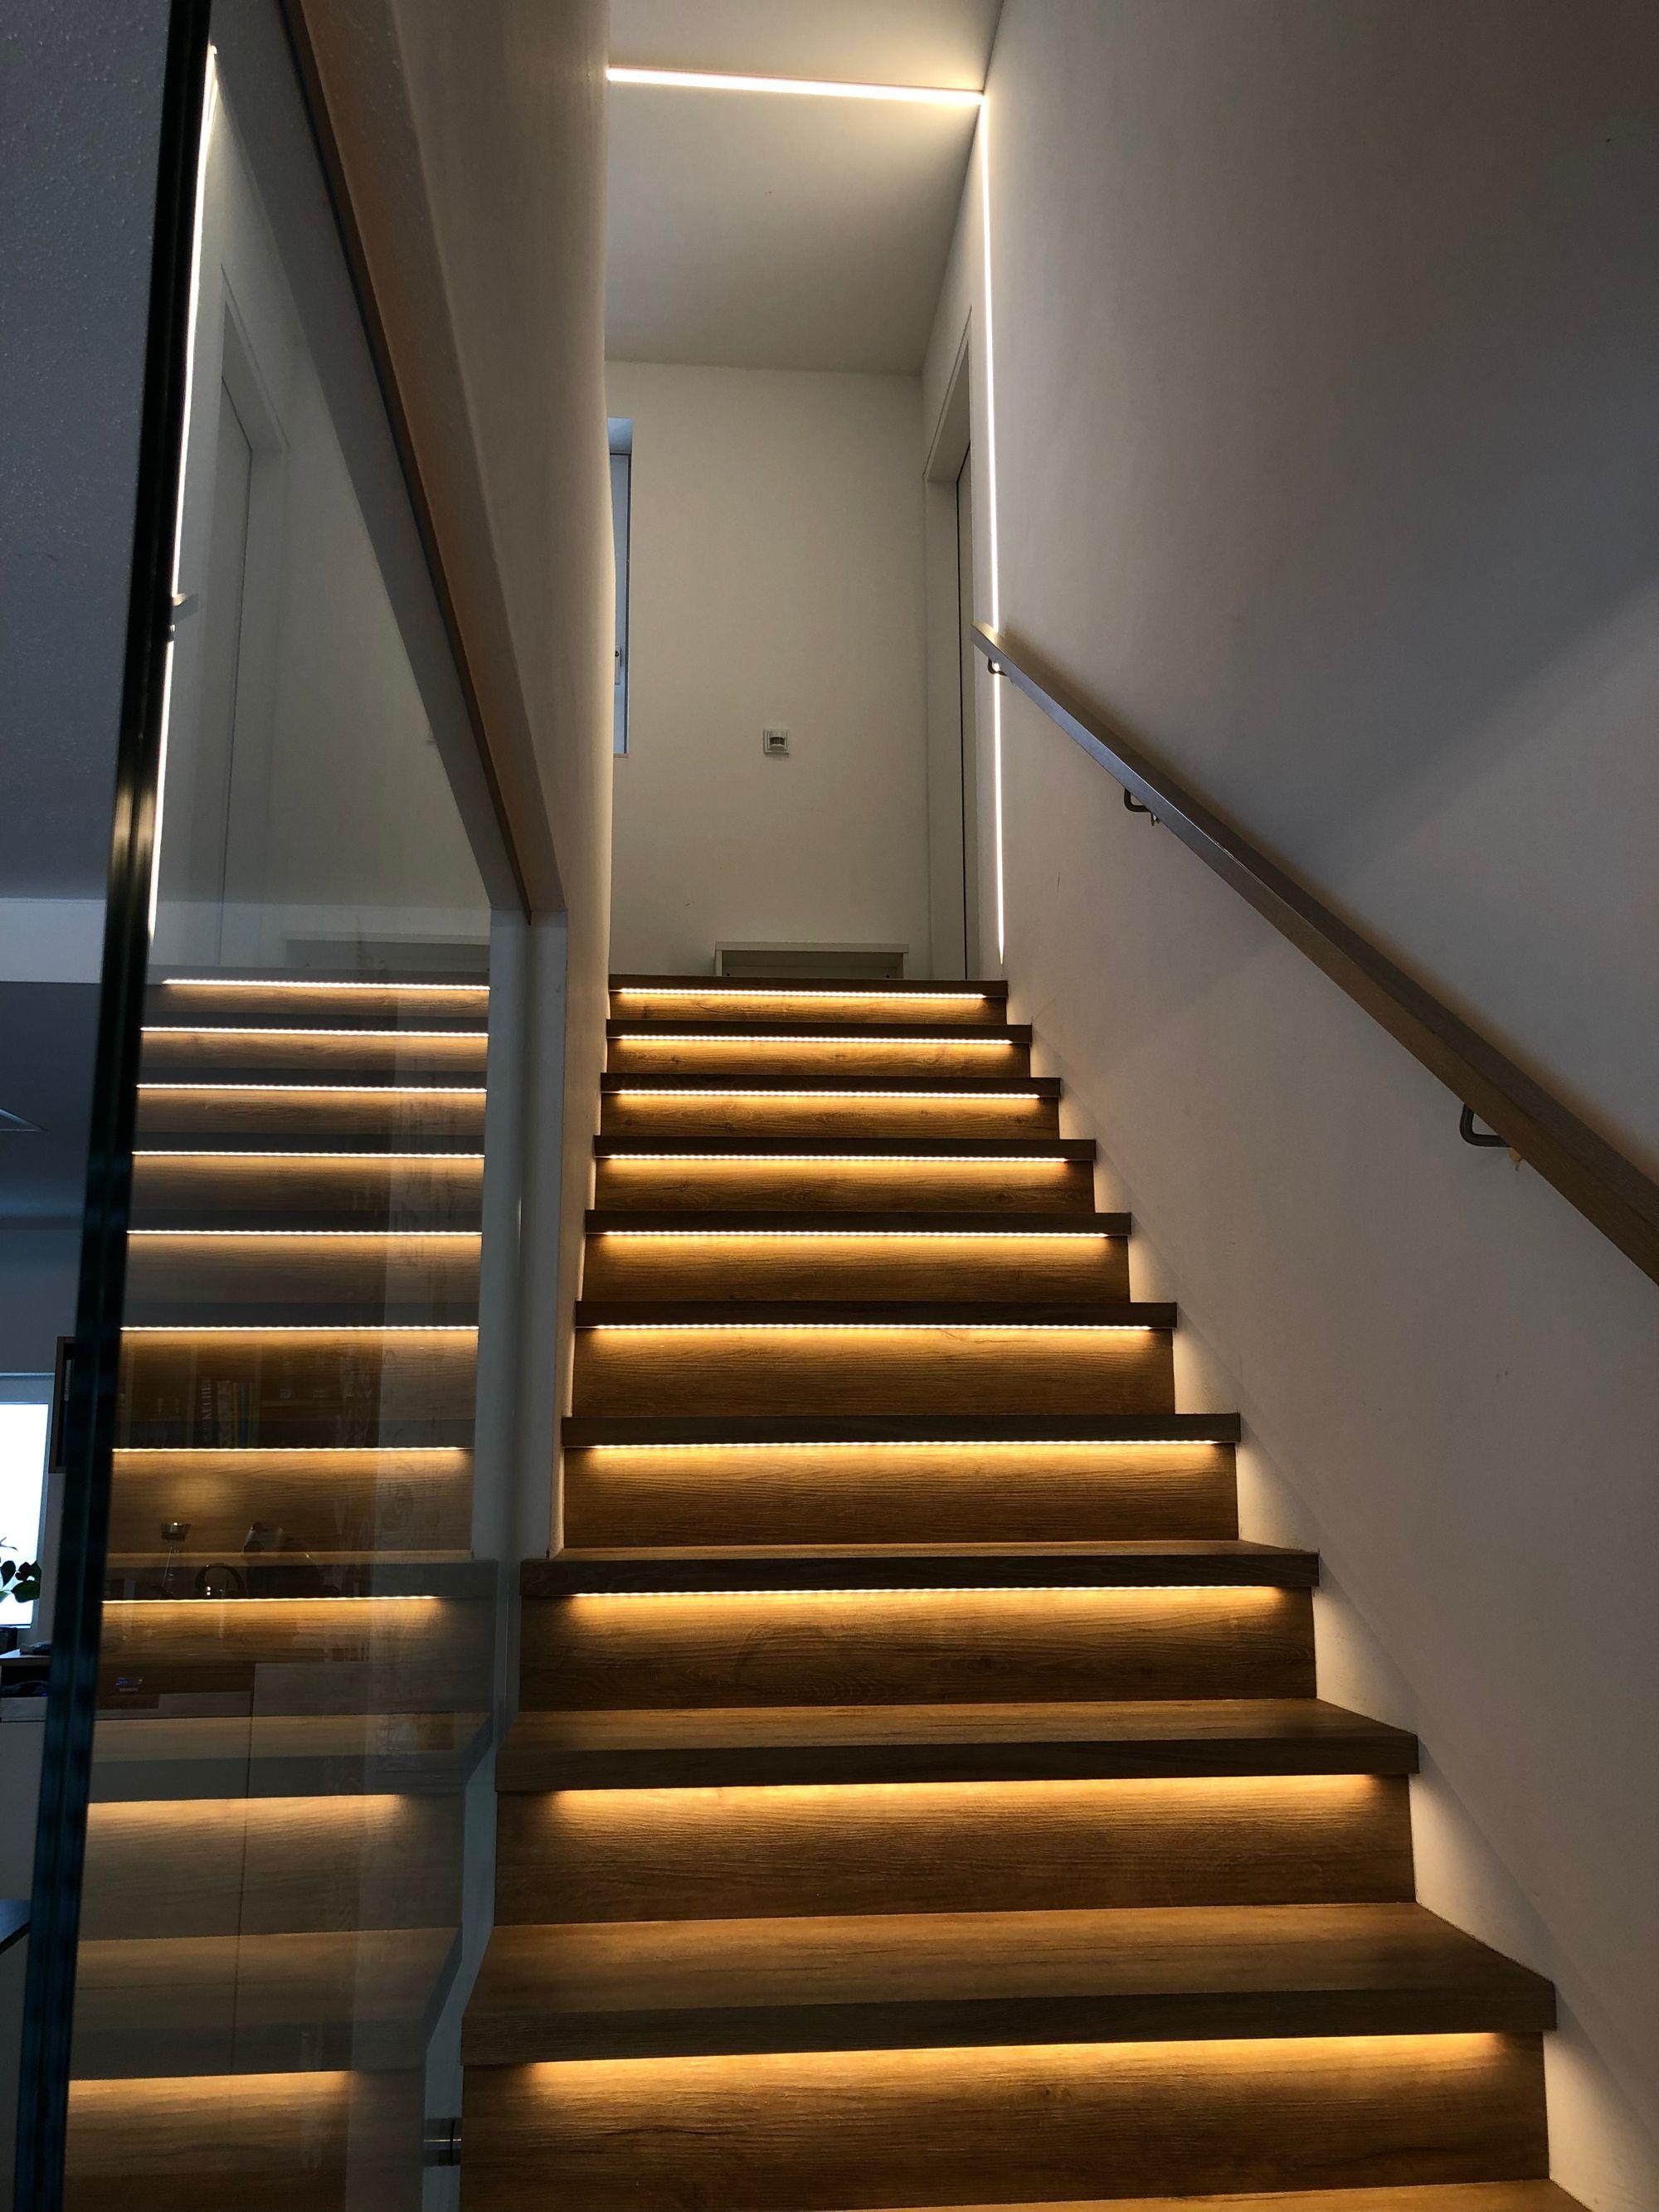 Spannende Lichtakzente Im Treppenhaus Ein Tolles Beispiel Wie Man Led Leuchten Auf Eine Innovative Art Und W Treppenbeleuchtung Treppenhaus Beleuchtung Treppe